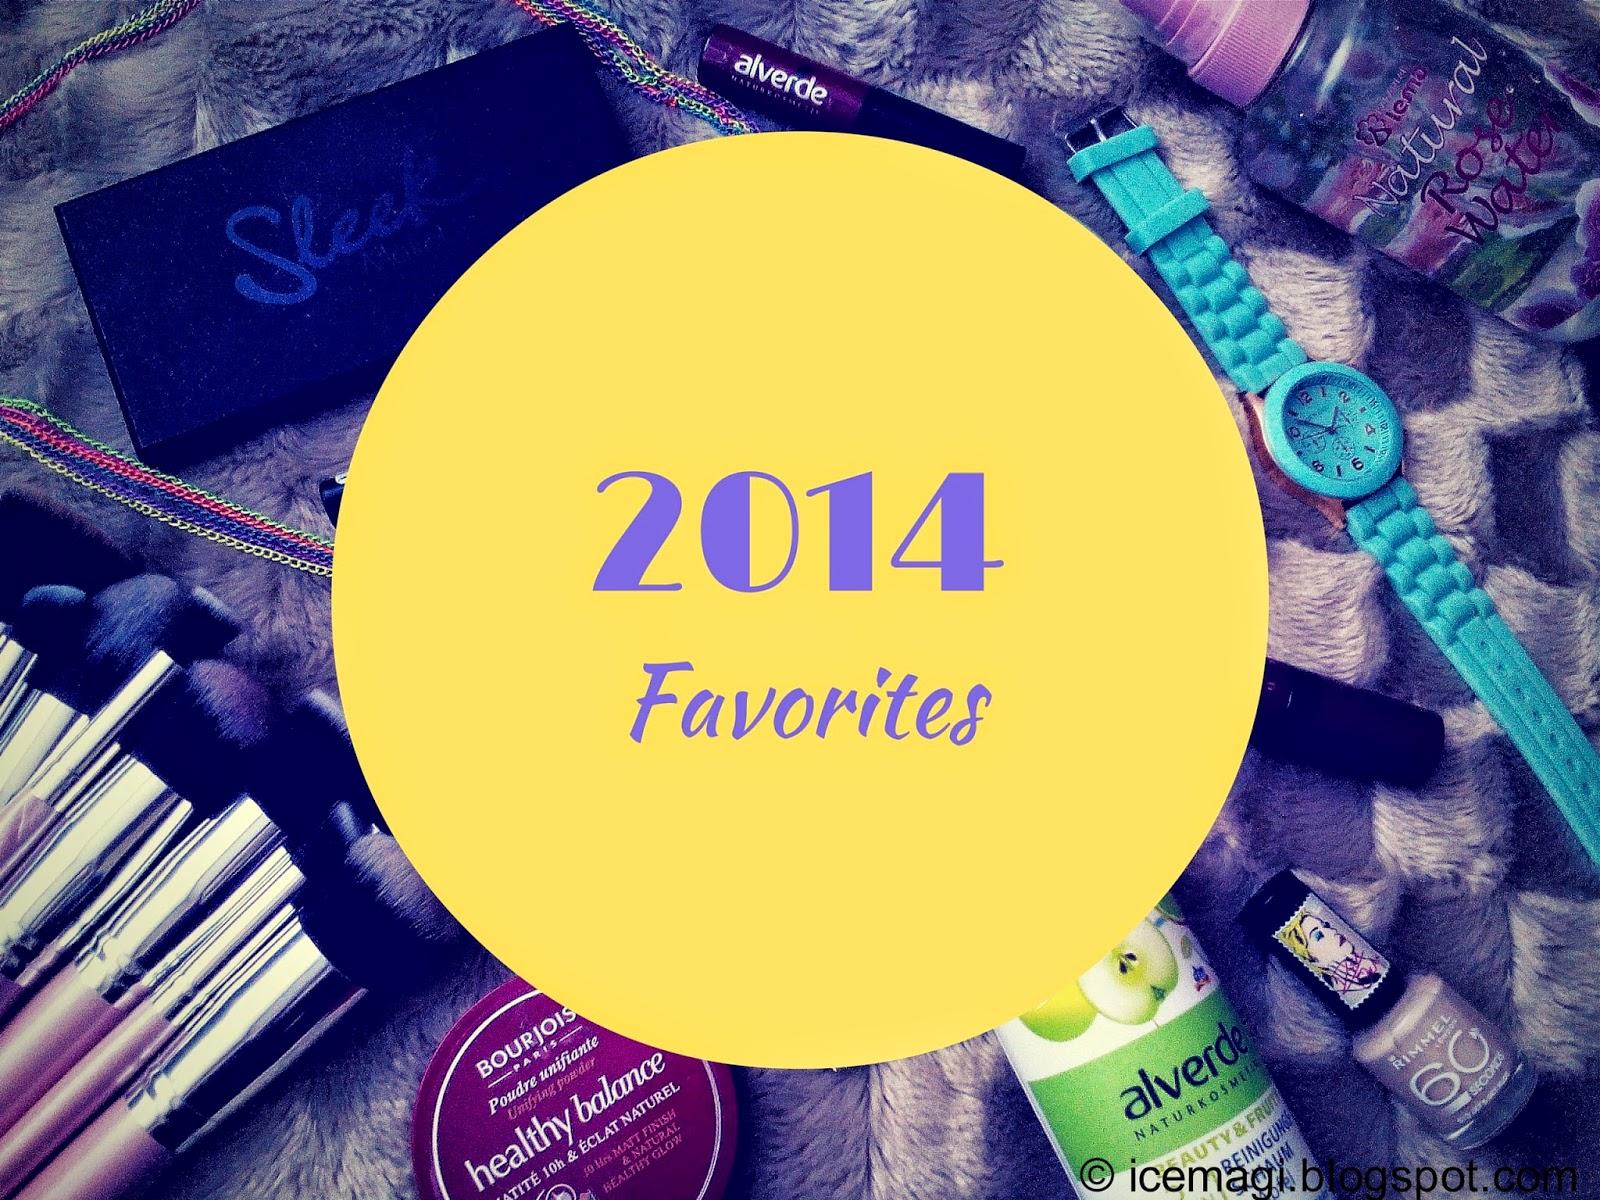 favorites 2014